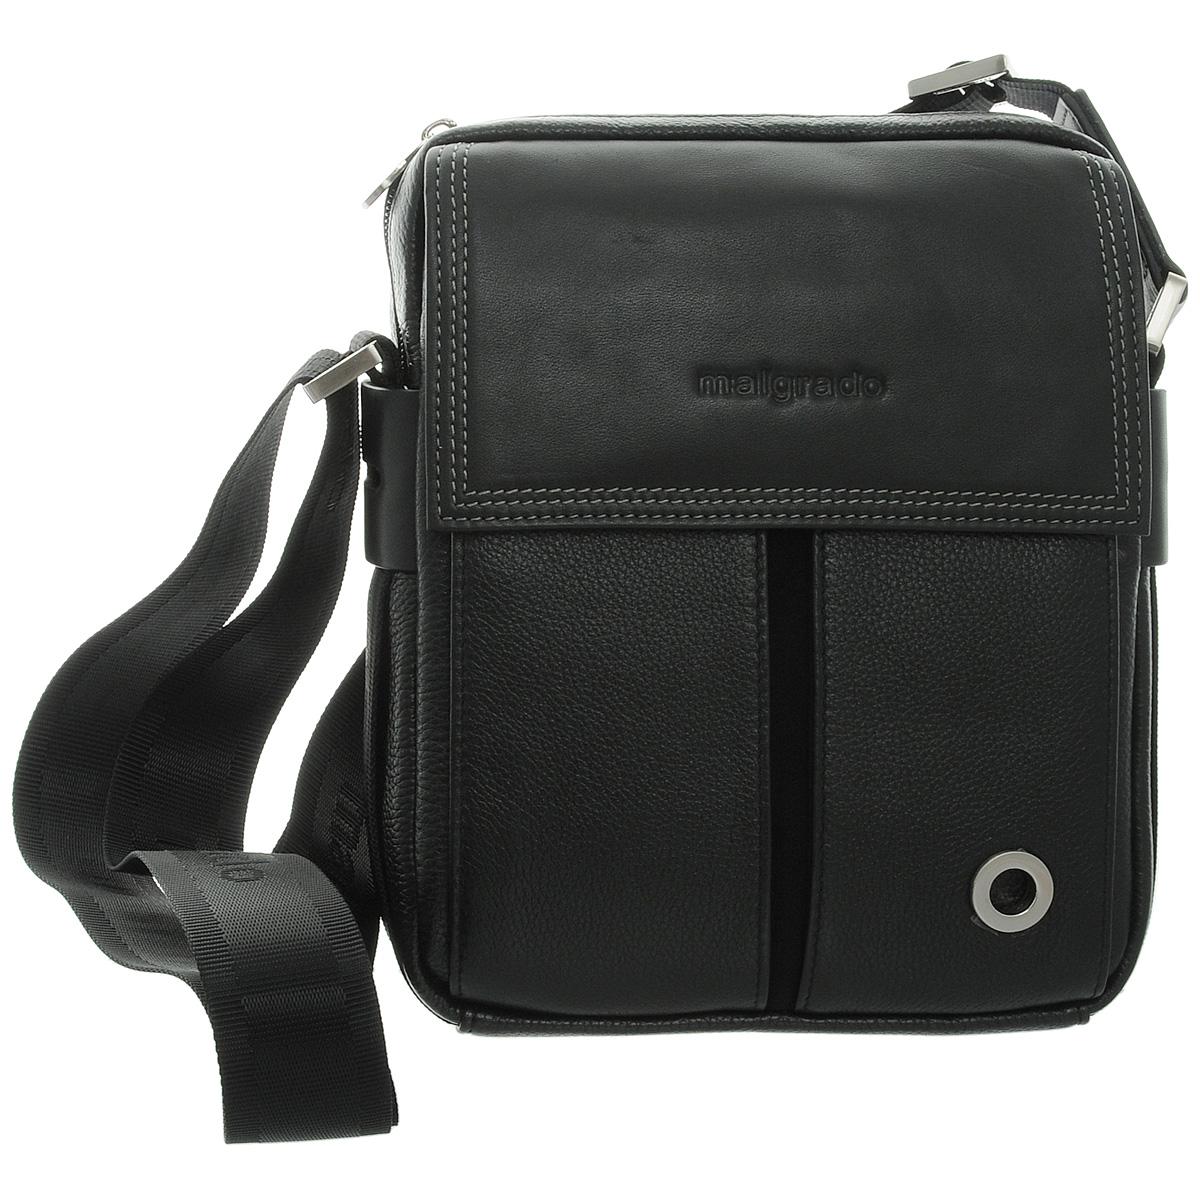 Сумка мужская Malgrado, цвет: черный. BR12-412C1856BR12-412C1856 black сумка мужская MalgradoСумка мужская Malgrado черного цвета выполнена из натуральной кожи. Сумка с удобным плечевым ремнем, состоит из одного вместительного отделения, застегивающегося на застежку-молнию. Внутри - два накладных кармана для мелочей, вшитый карман на молнии и два отверстия для ручек. Спереди имеется вместительное отделение, закрывающееся клапаном на магнитных кнопках. На задней стороне сумки так же расположен карман на кнопке. К сумке прилагается чехол для хранения. Сумка - это стильный аксессуар, который подчеркнет вашу изысканность и индивидуальность и сделает ваш образ завершенным. Характеристики: Материал: натуральная кожа, текстиль, металл. Размер сумки: 26 см х 20 см х 6 см. Длина ремня: 35 см. Цвет: черный. Артикул: BR12-412C1856.